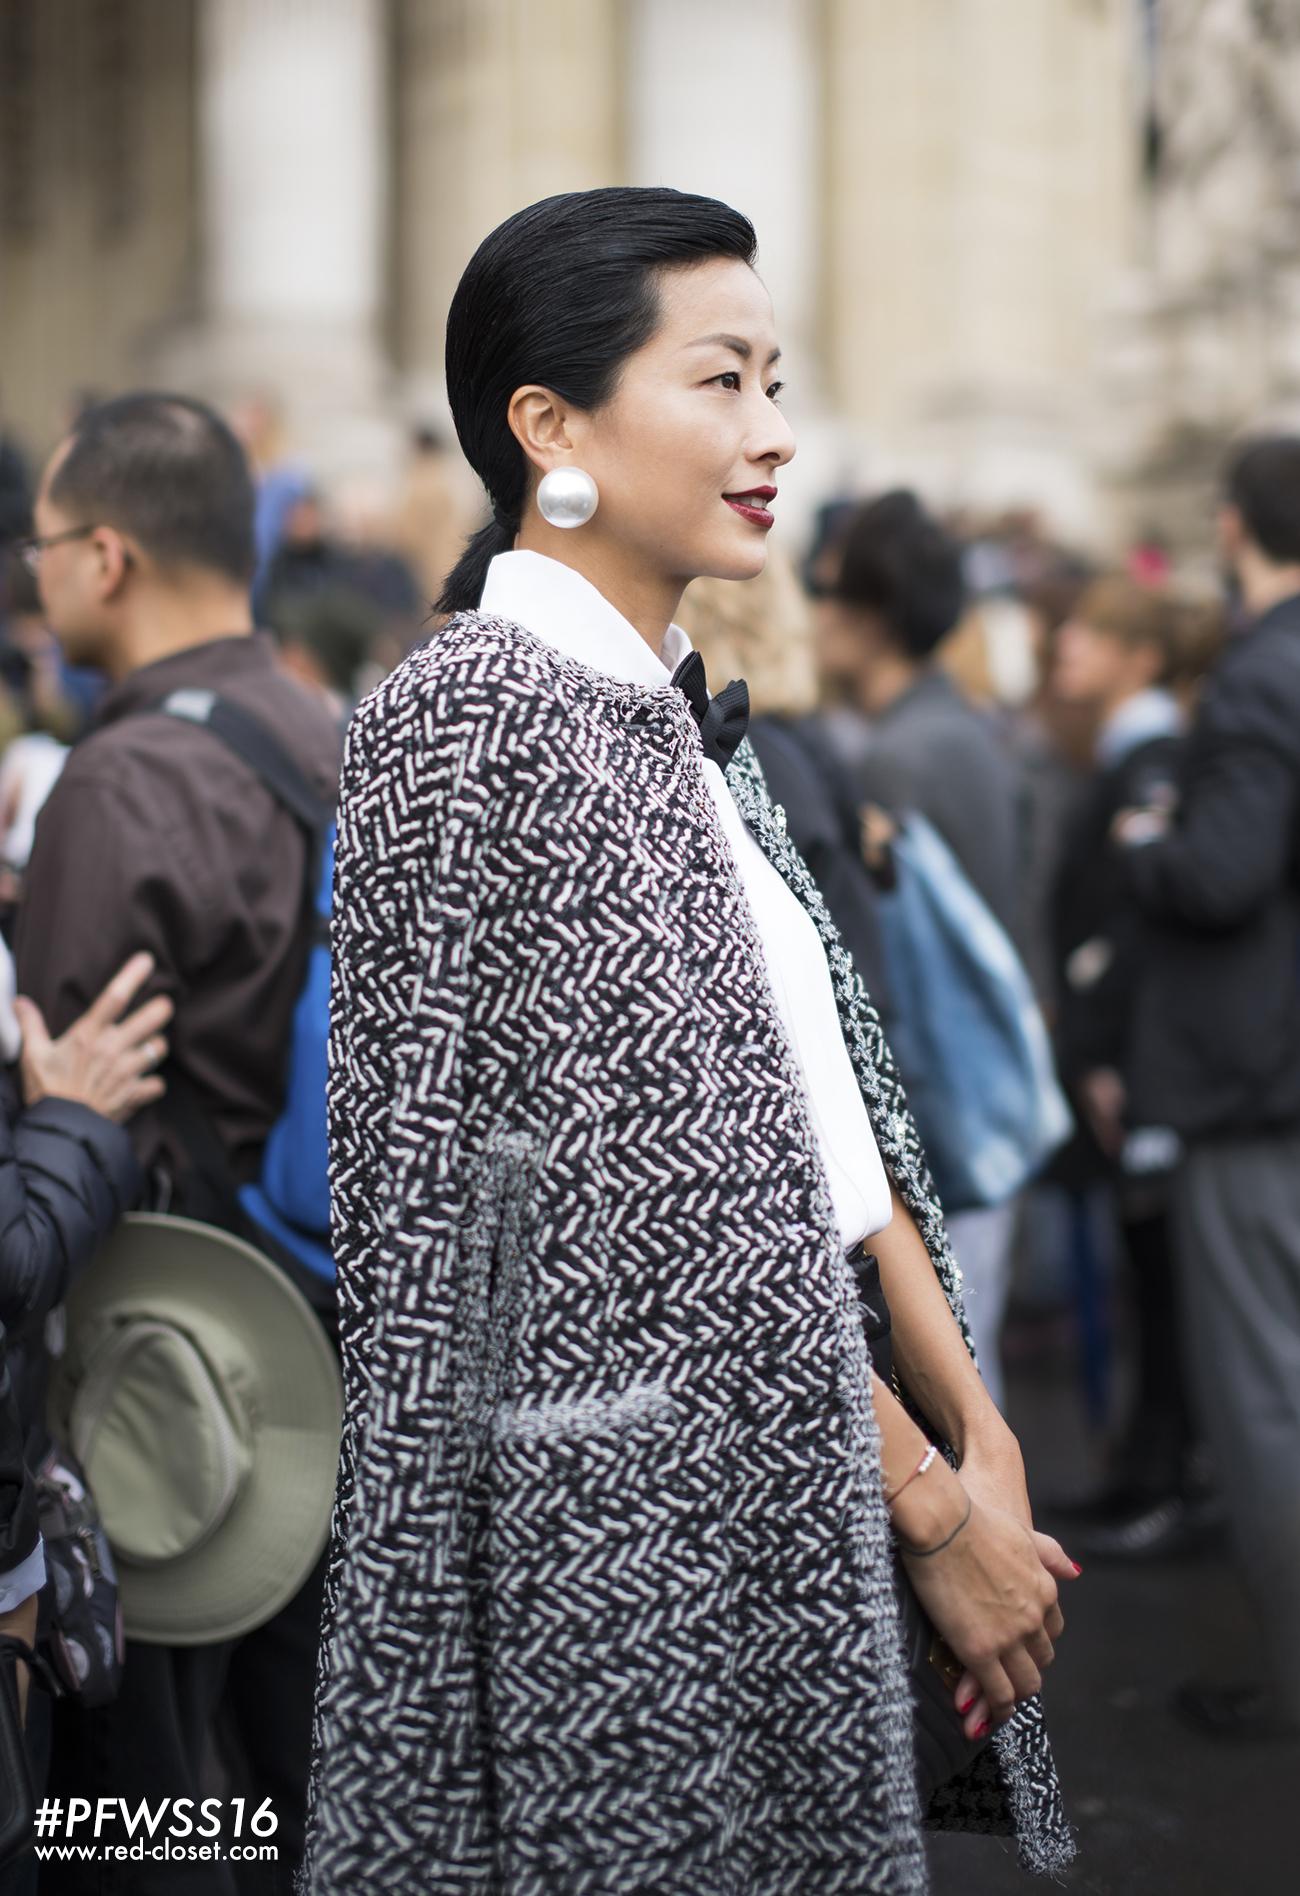 Paris-Fashion-Week-Chanel-Cynthia-Lo-13